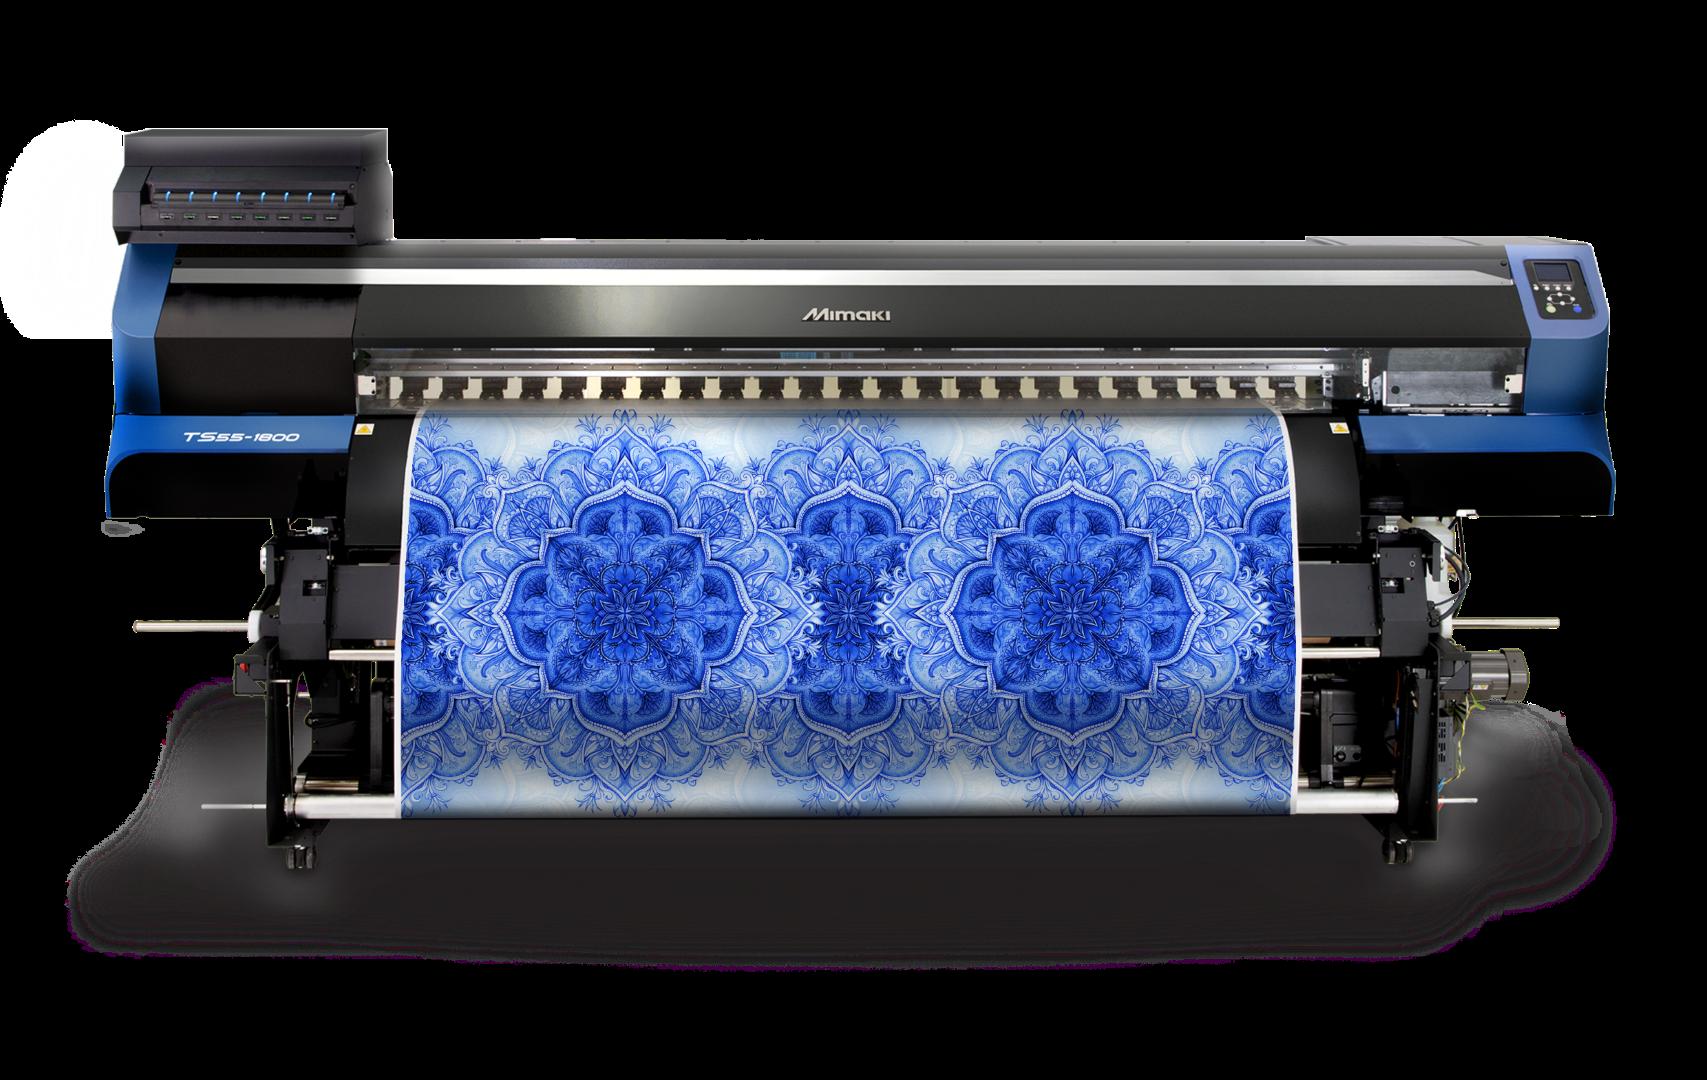 Tekstil Baskısında Devrim Başlatan Yeni Mimaki Baskı Makinesi